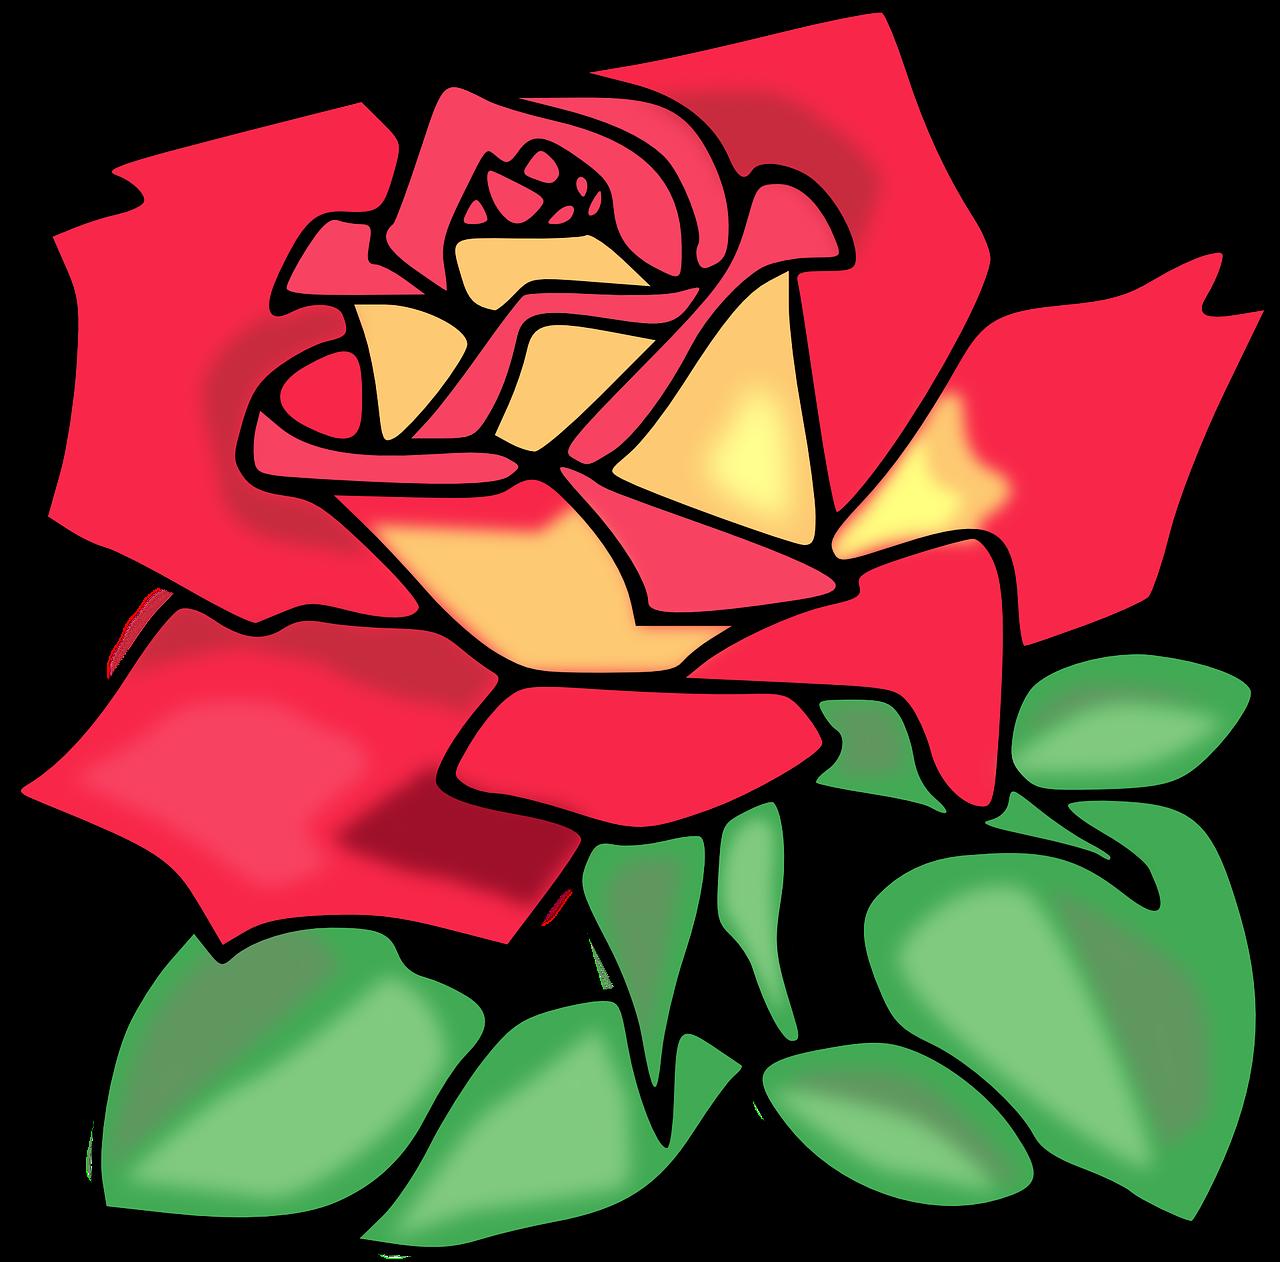 картинки для эмблемы цветок система гарантирует защиту